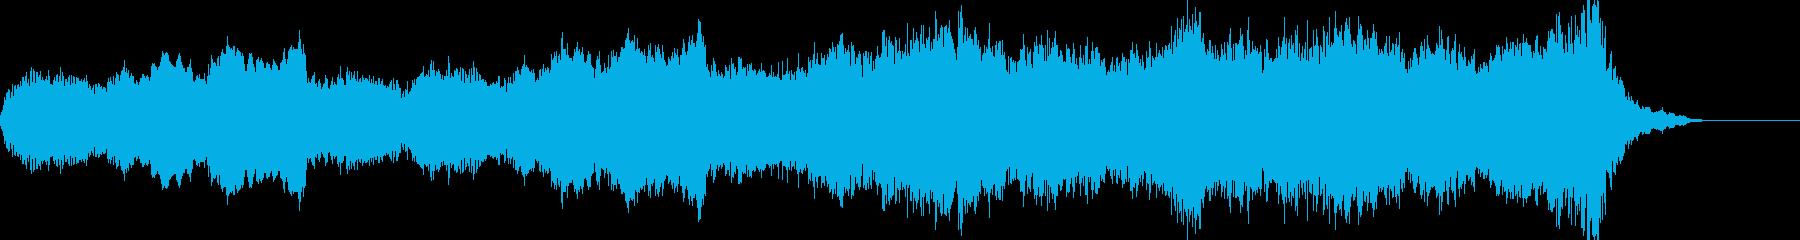 ド迫力のオーケストラサウンドの再生済みの波形